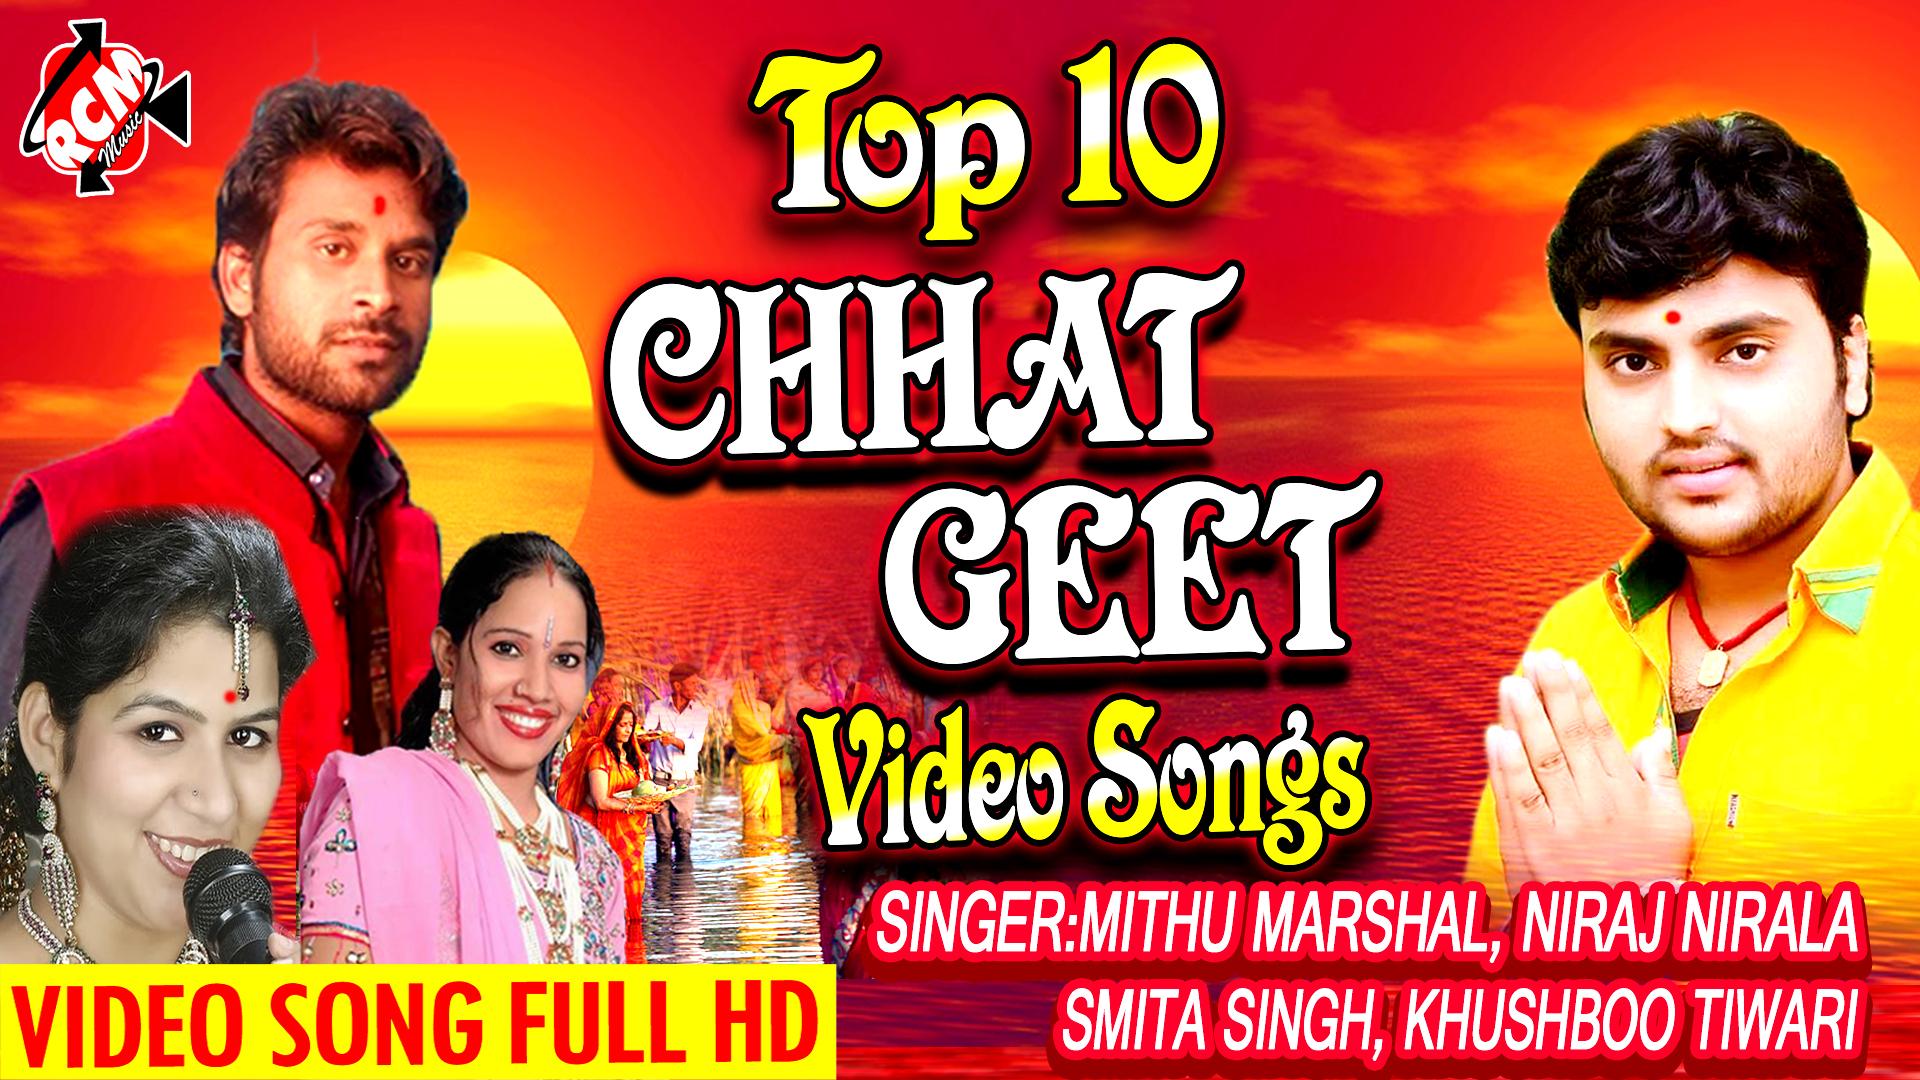 मिठु मार्शल, नीरज निराला, स्मिता सिंह, खुशबू तिवारी का सुपरहिट छठ वीडियो टॉप 1